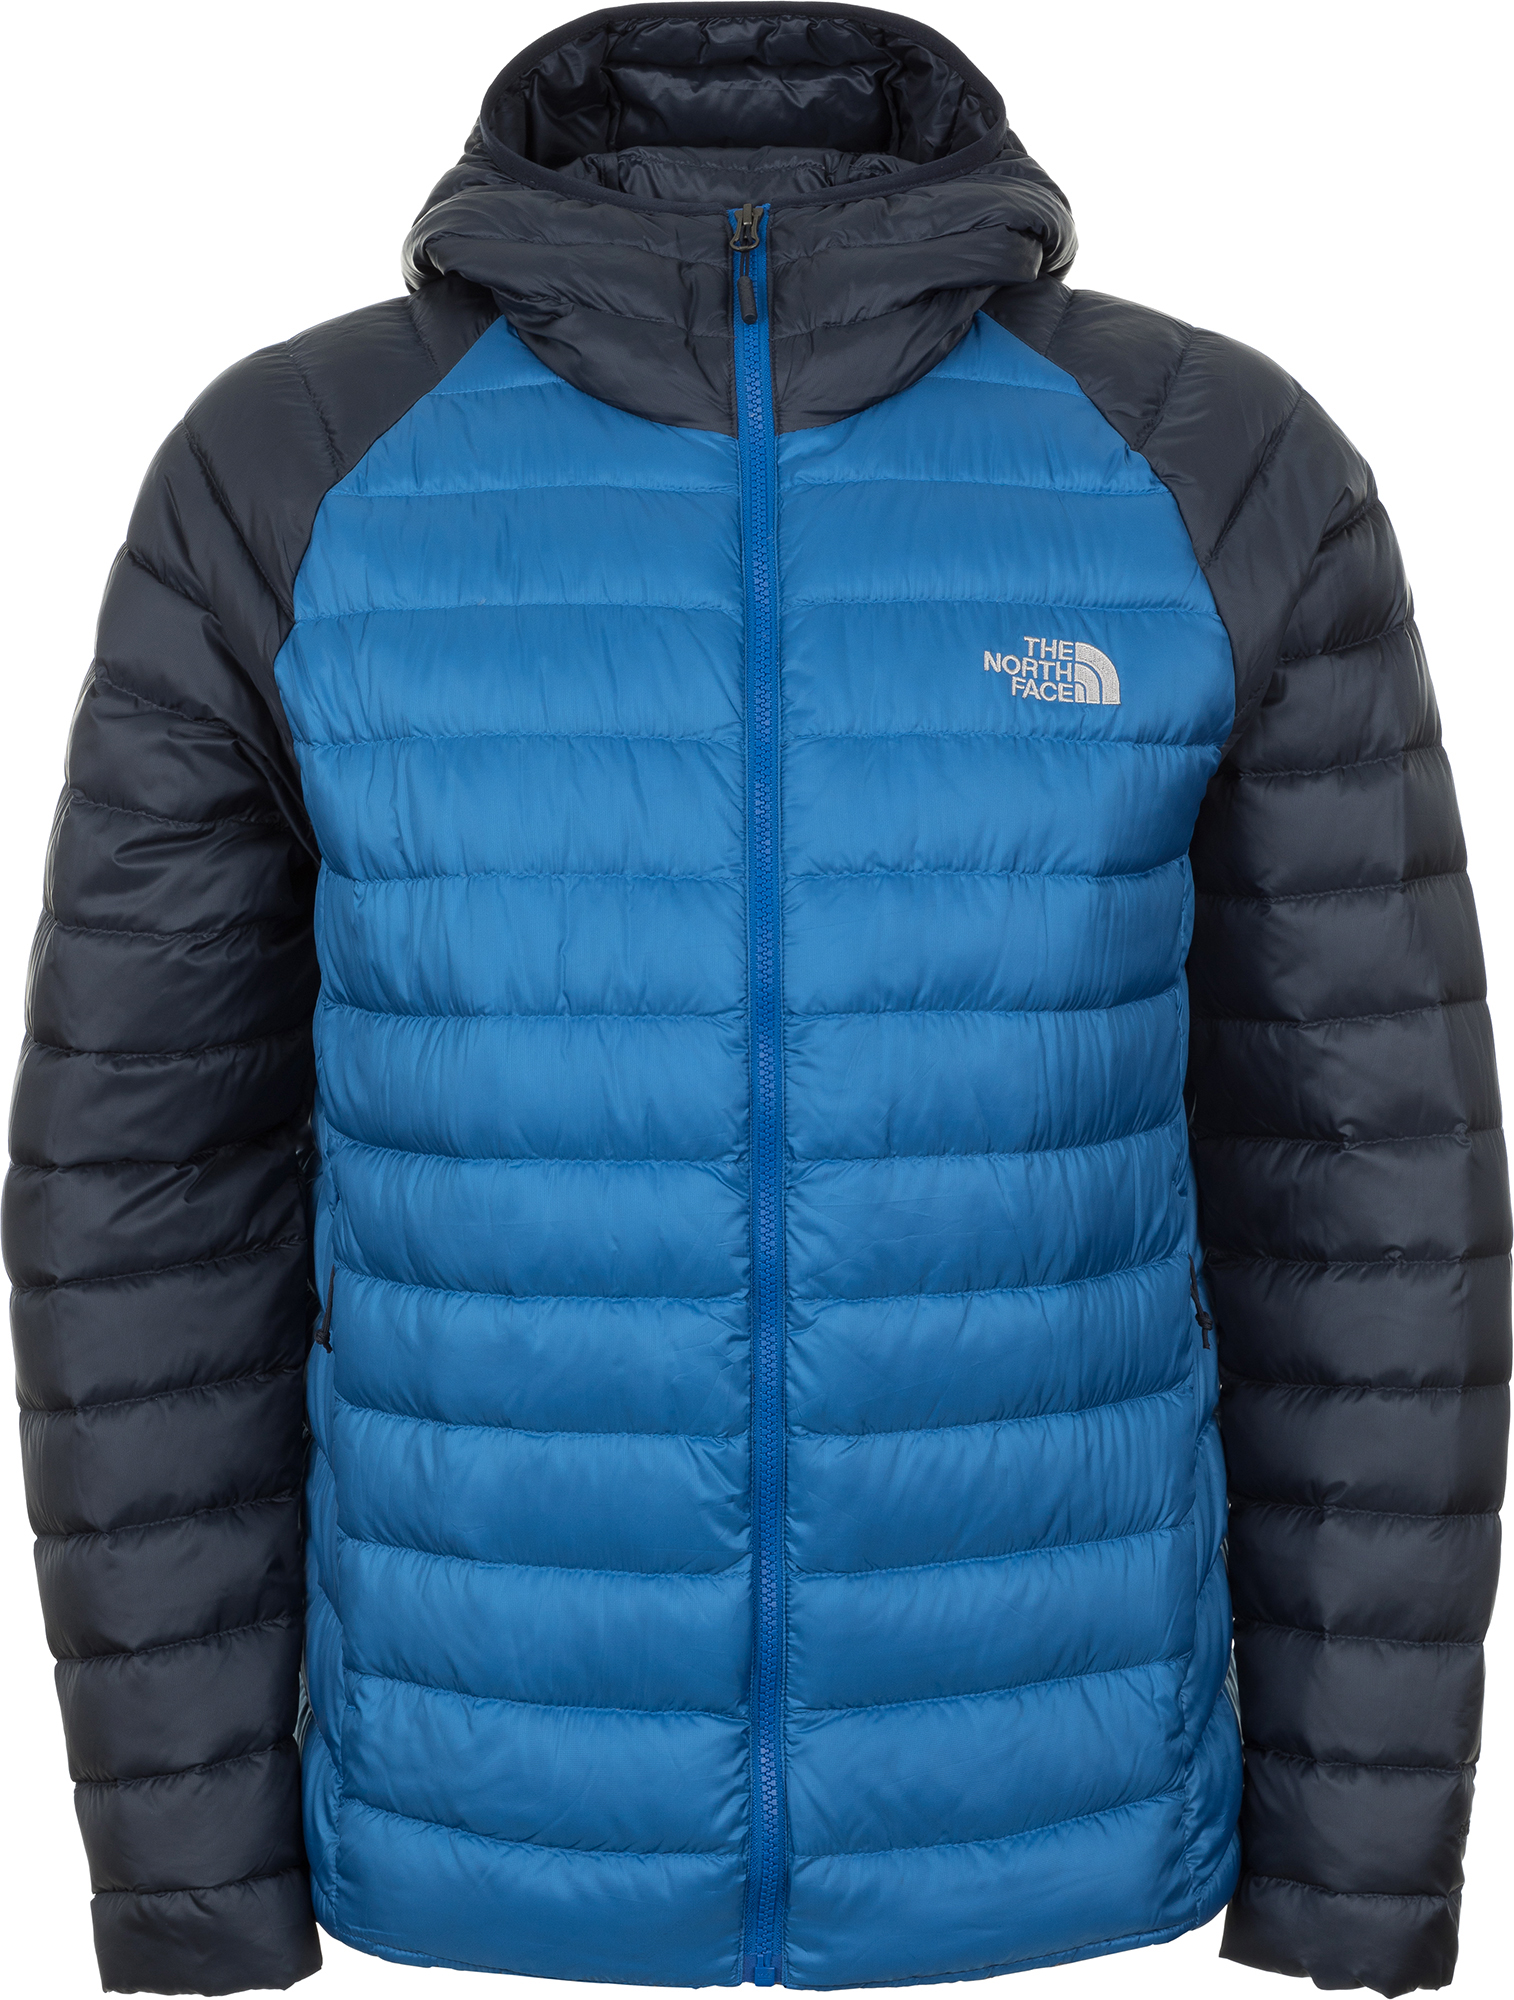 цена на The North Face Куртка пуховая мужская The North Face Trevail, размер 46